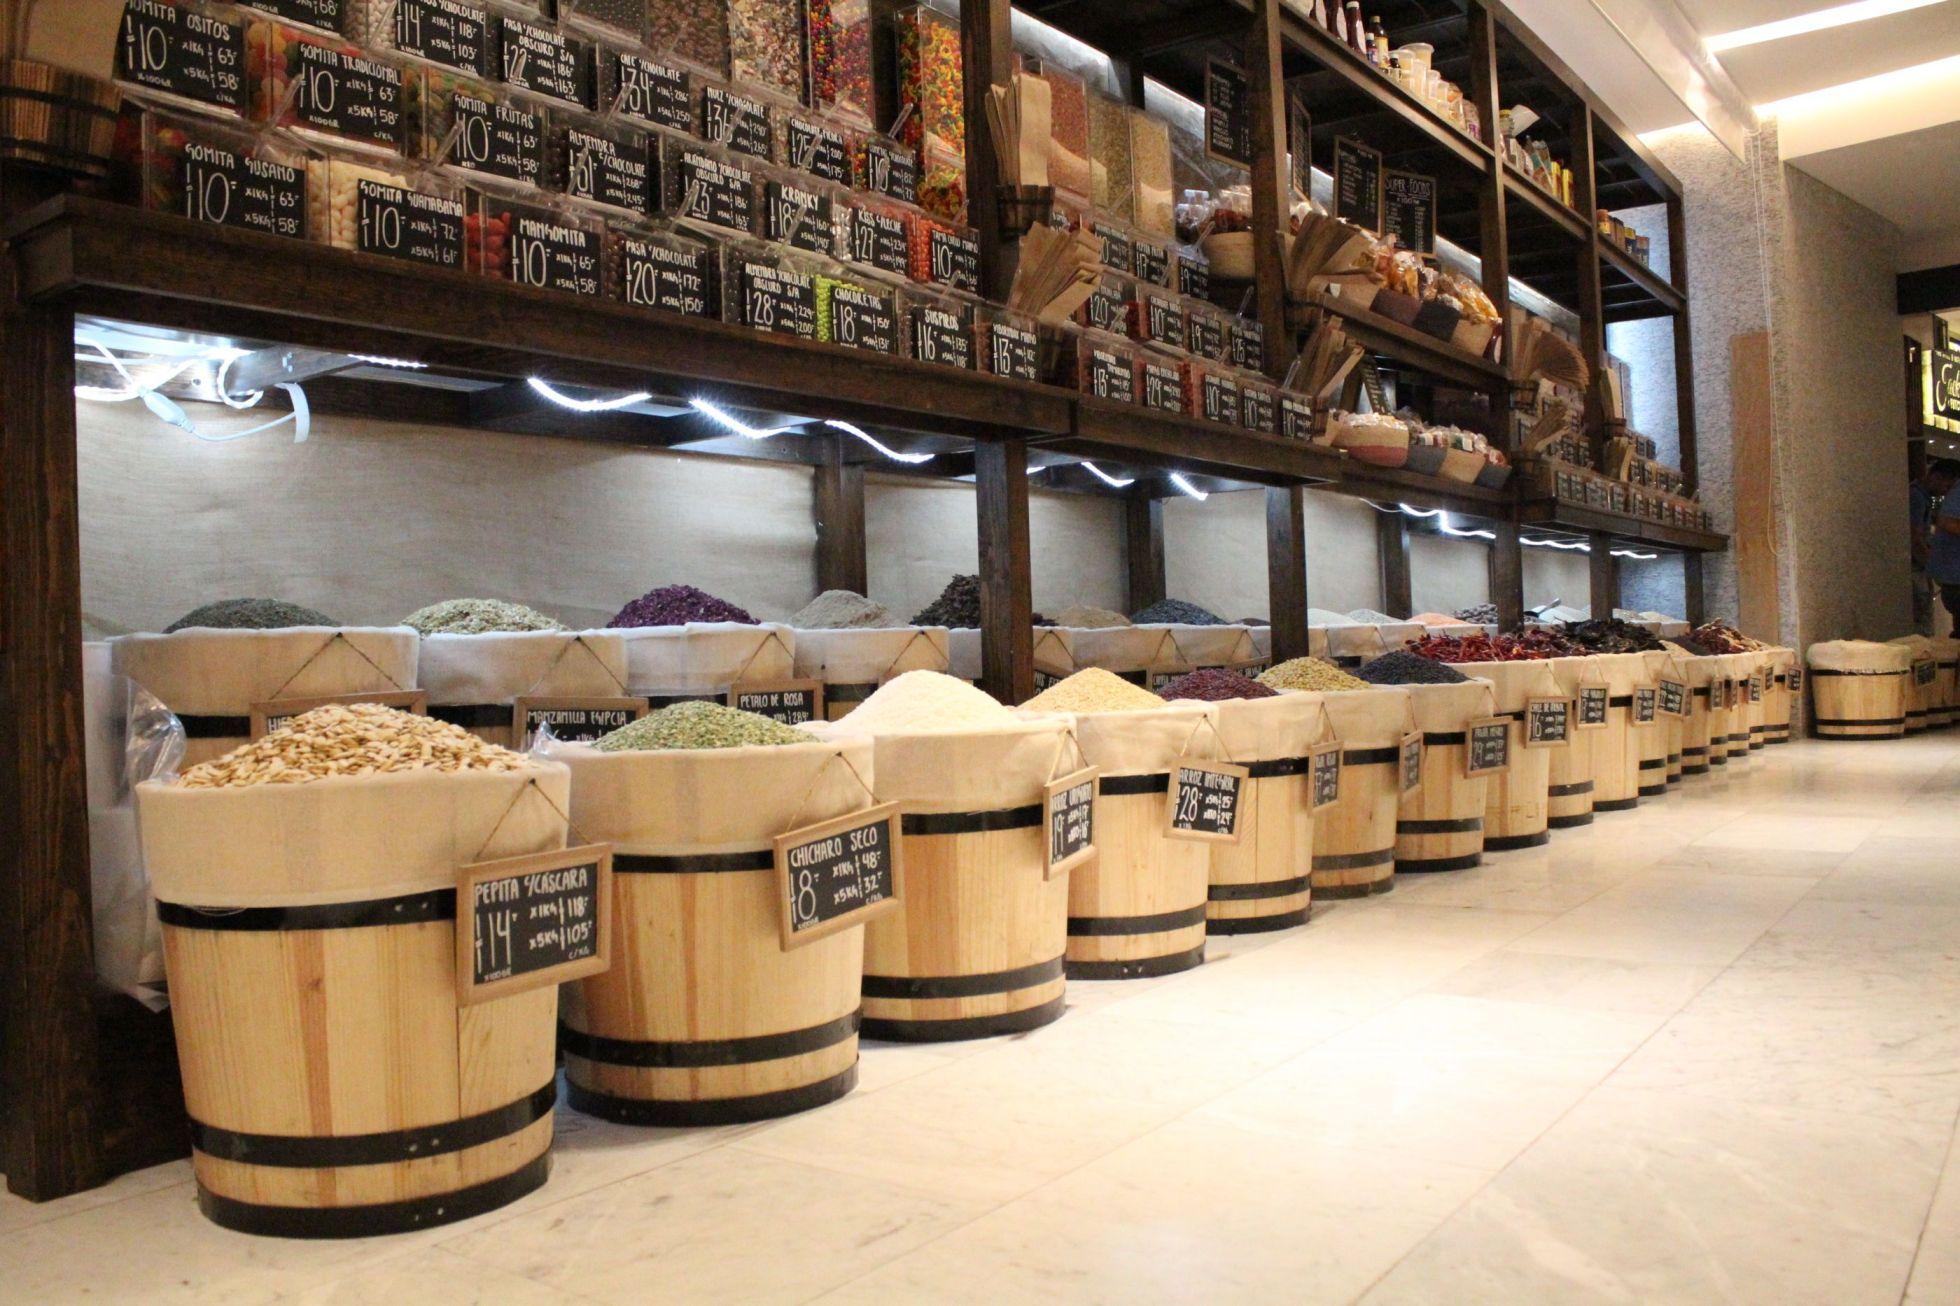 La Buena Cosecha El Nuevo Spot Para Comprar Sabor A Granel Food Pleasure Diseño De Supermercado Diseño De Tienda Diseño Interior De Tienda